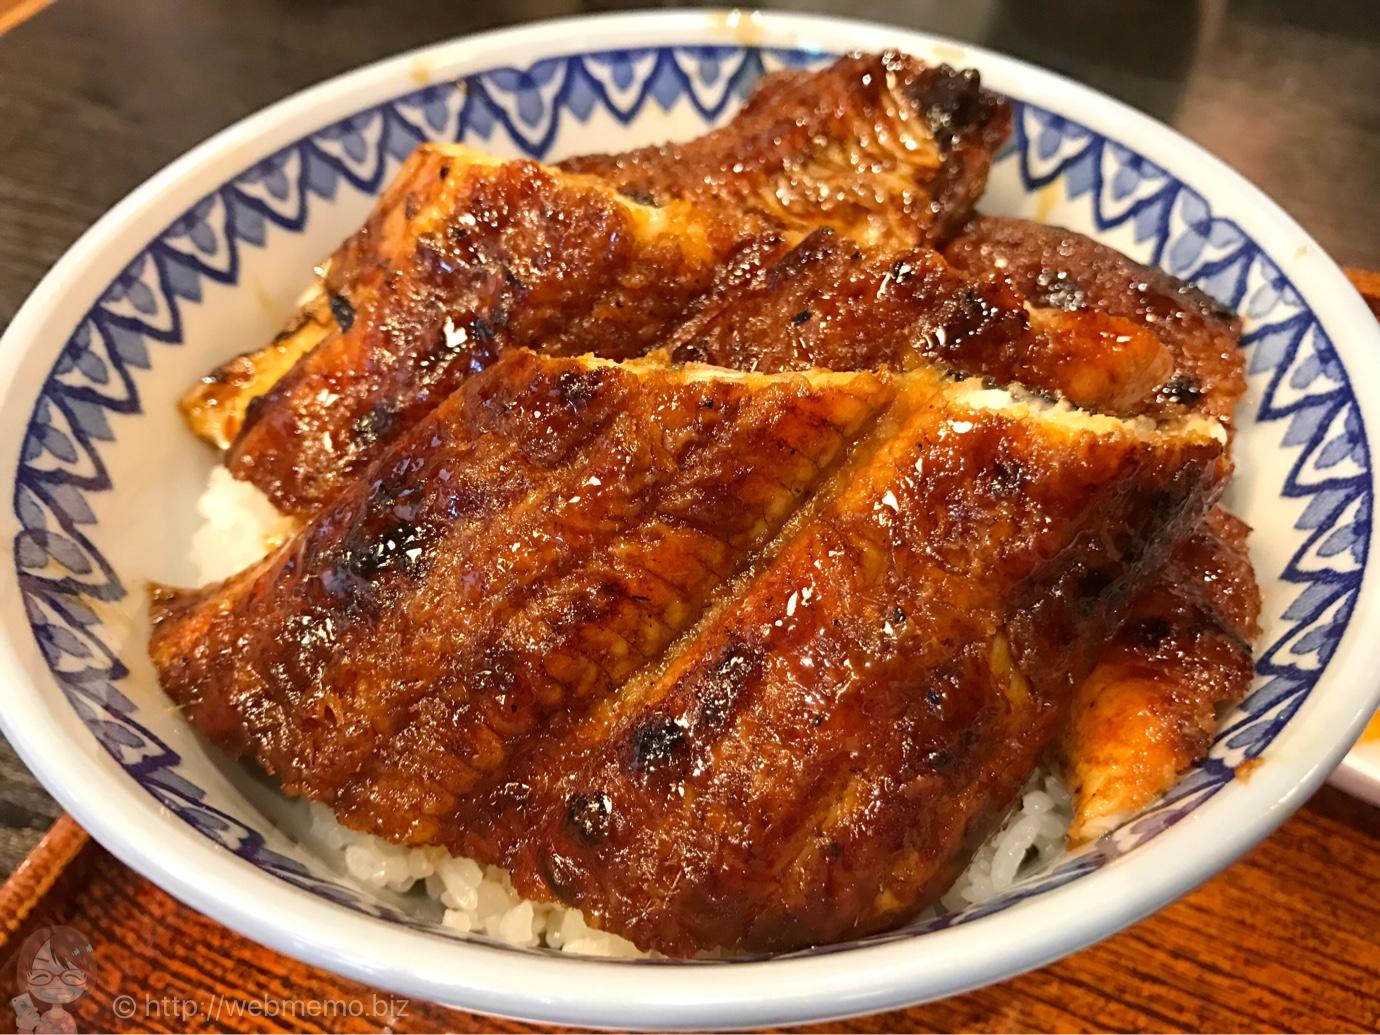 三重県津 うなぎ料理「はし家」は女性ひとりで気軽に入れて煙なし!鰻たっぷりで安い